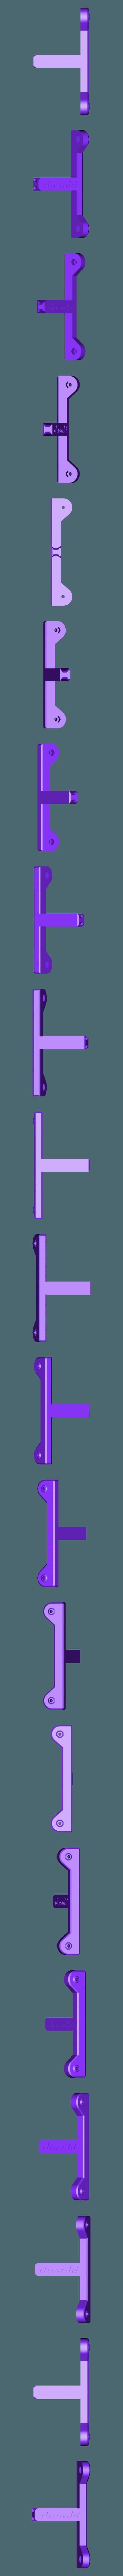 spool_holder_A.stl Télécharger fichier STL gratuit Porte-bobine réglable en largeur • Modèle pour impression 3D, dasaki